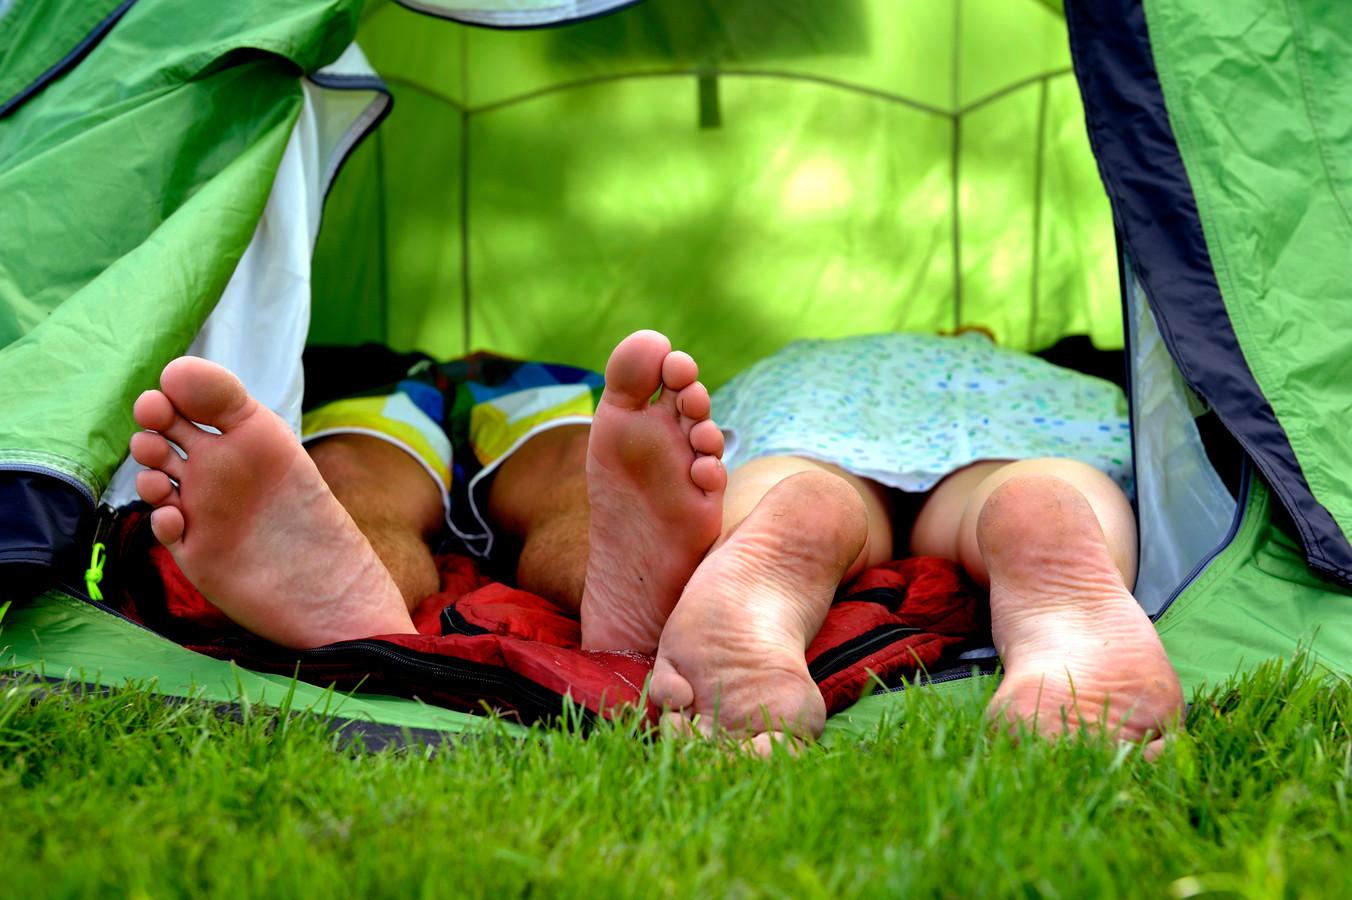 Vanaf 1 januari 2023 moeten bezoekers van bijvoorbeeld campings en B&B's in Etten-Leur een kleine toeslag betalen voor elke nacht die ze er doorbrengen. Eerst was het de bedoeling dat die toeristenbelasting al in 2022 zou ingaan.